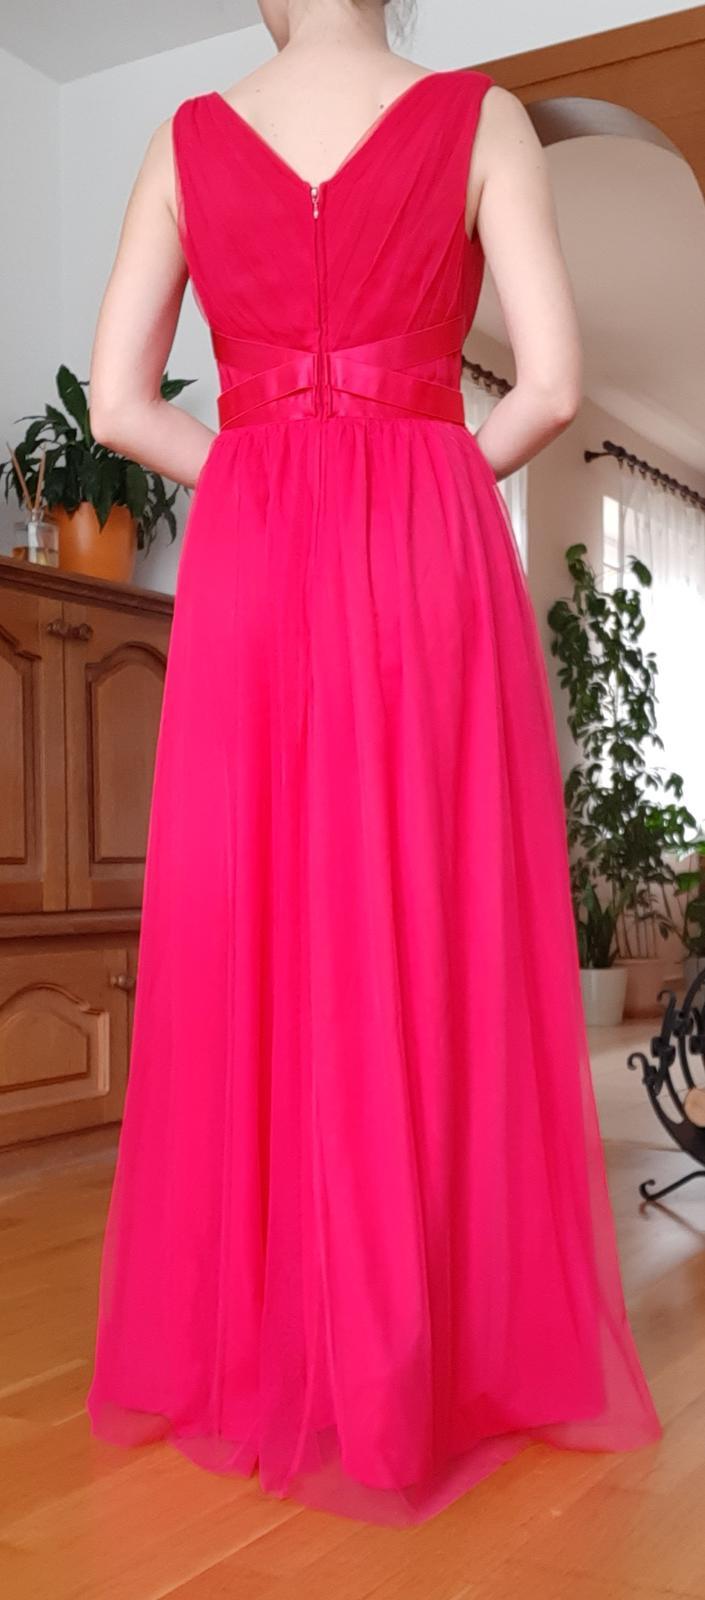 Ružové spoločenské šaty, veľ. 34 - Obrázok č. 3